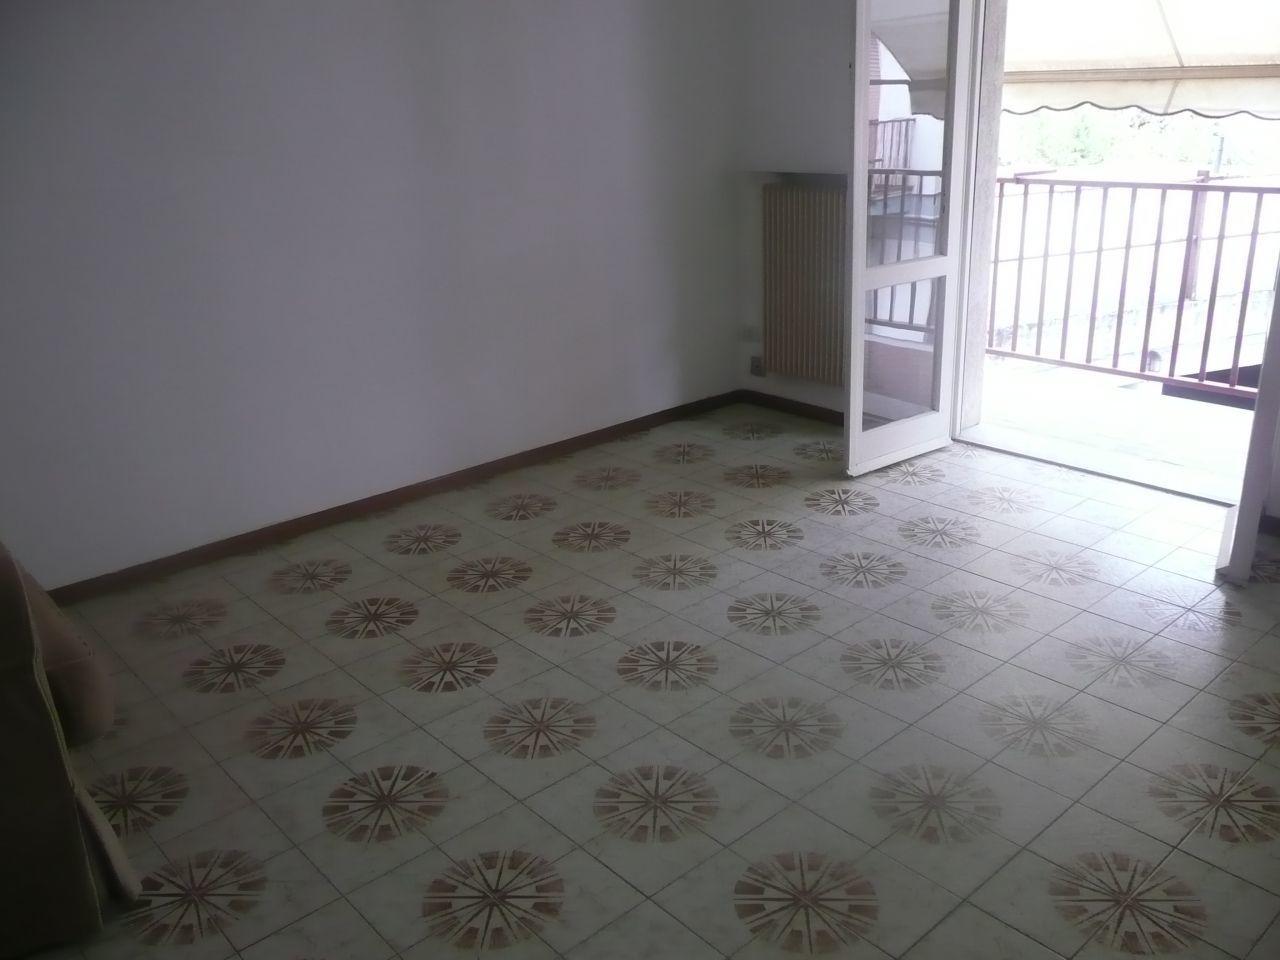 Appartamento in vendita a Casarza Ligure, 2 locali, prezzo € 120.000 | CambioCasa.it